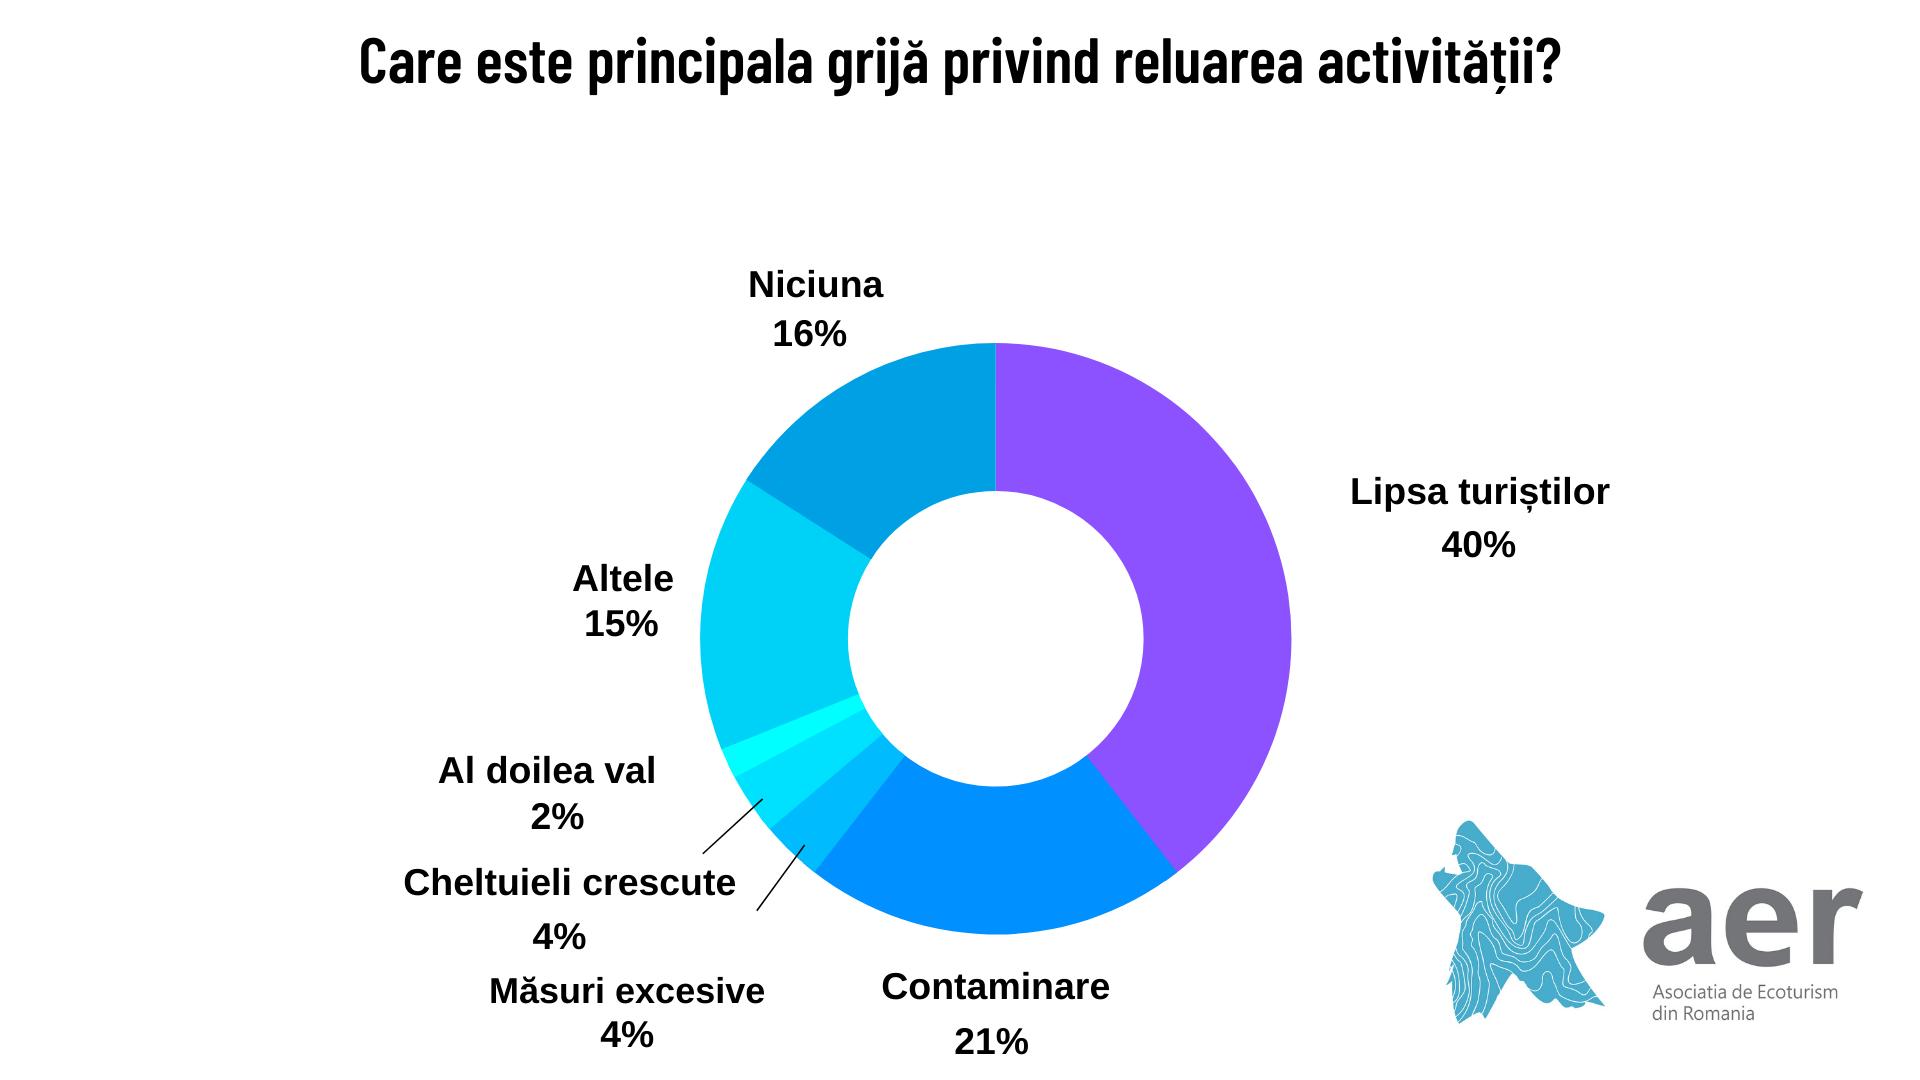 Principala grijă privind reluarea activității - Studiu Asociația de Ecoturism din România